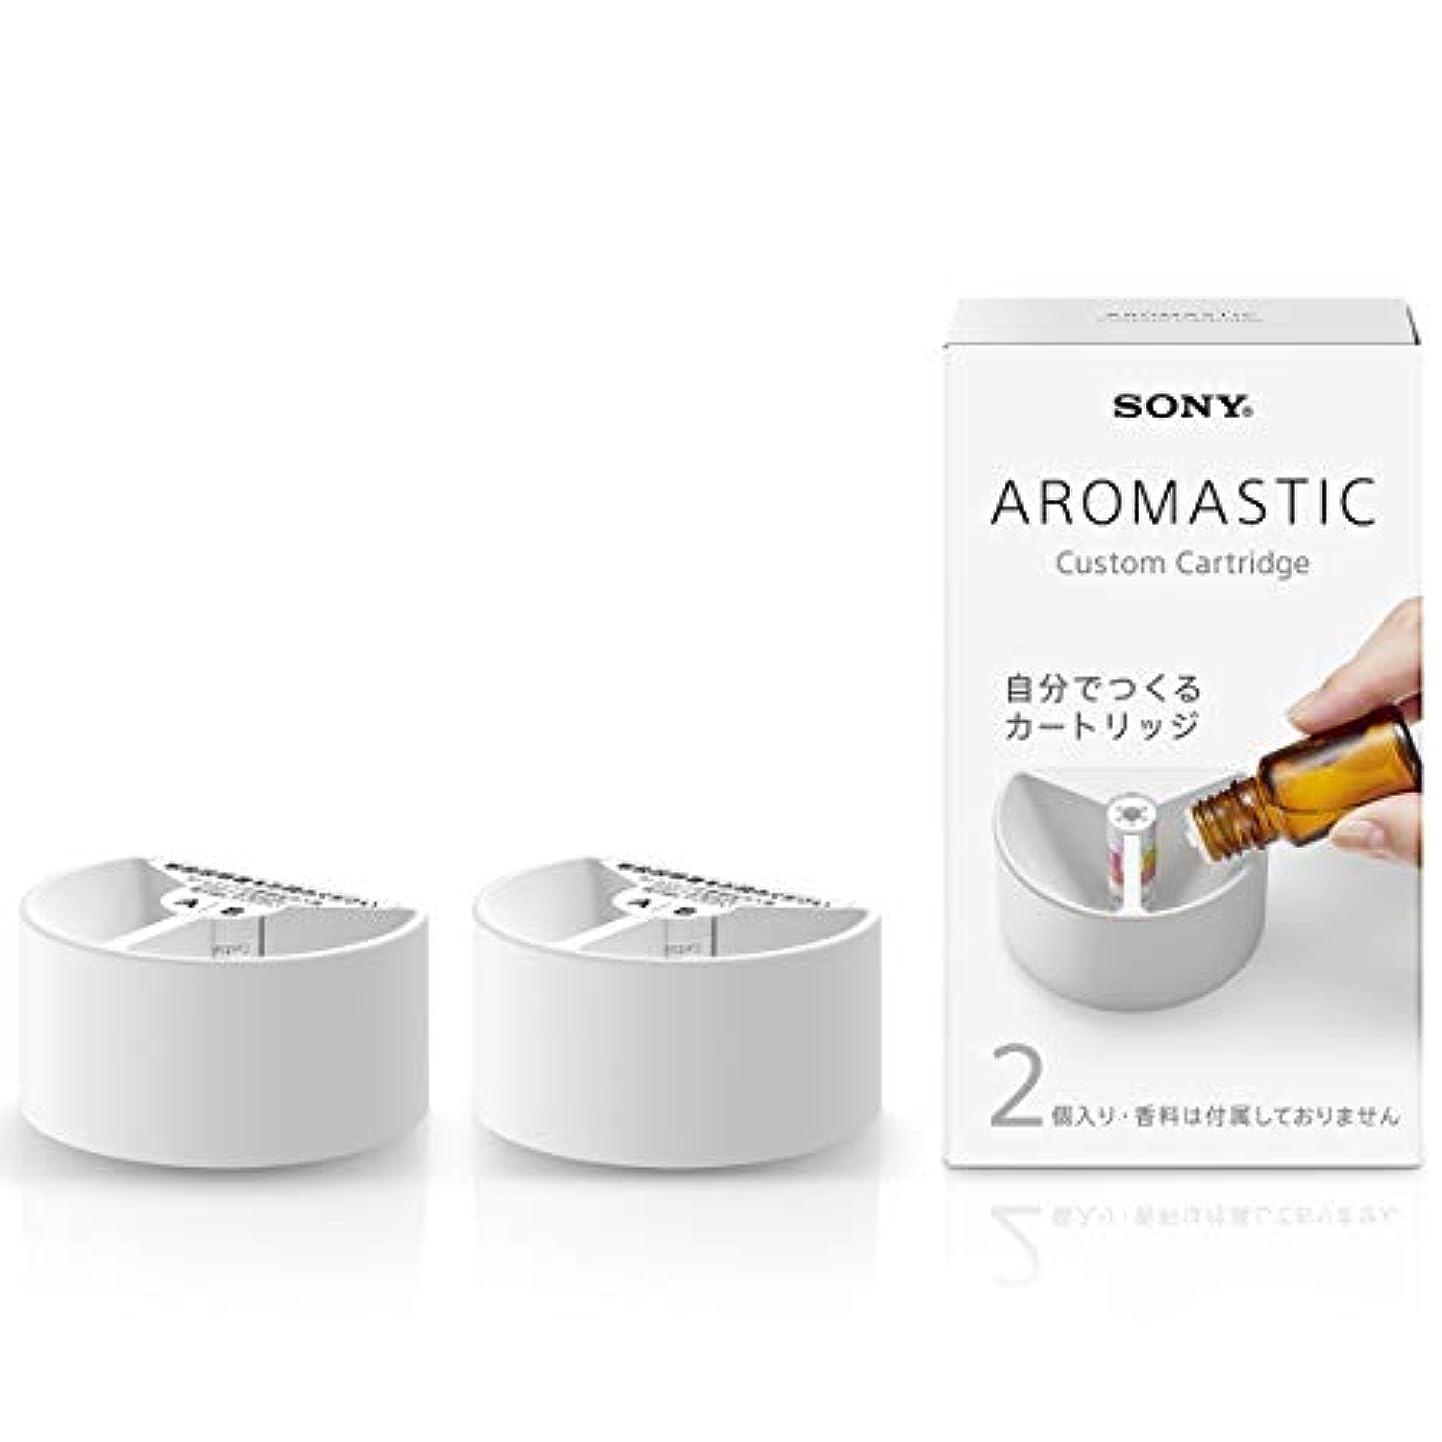 池頑固な変化AROMASTIC Custom Cartridge(カスタムカートリッジ) OE-SC001